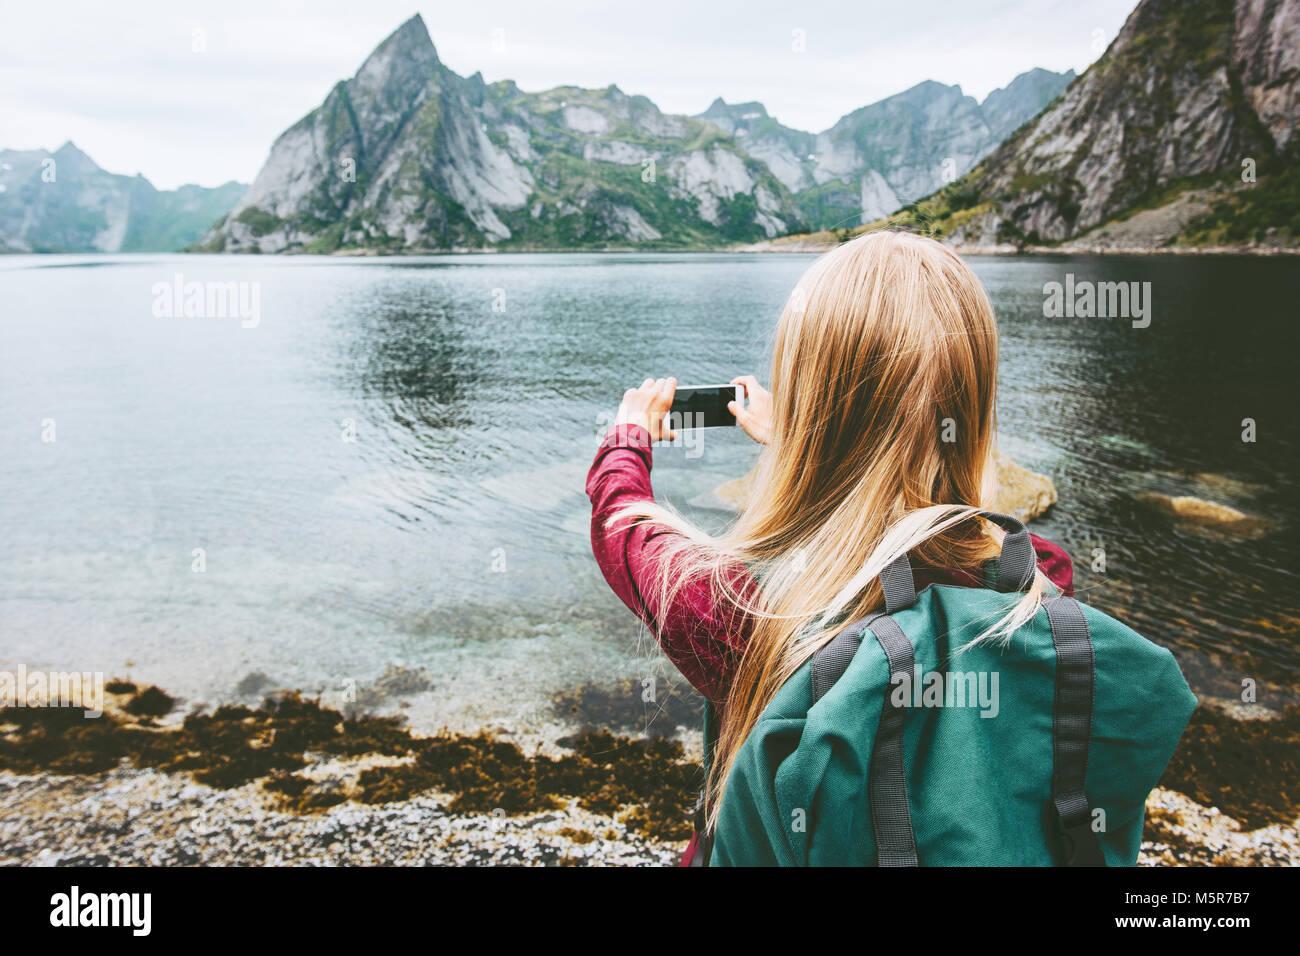 Frau Tourist, selfie per Smartphone Sehenswürdigkeiten Lofoten Reisen lifestyle Fernweh Konzept Abenteuer outdoor Stockfoto